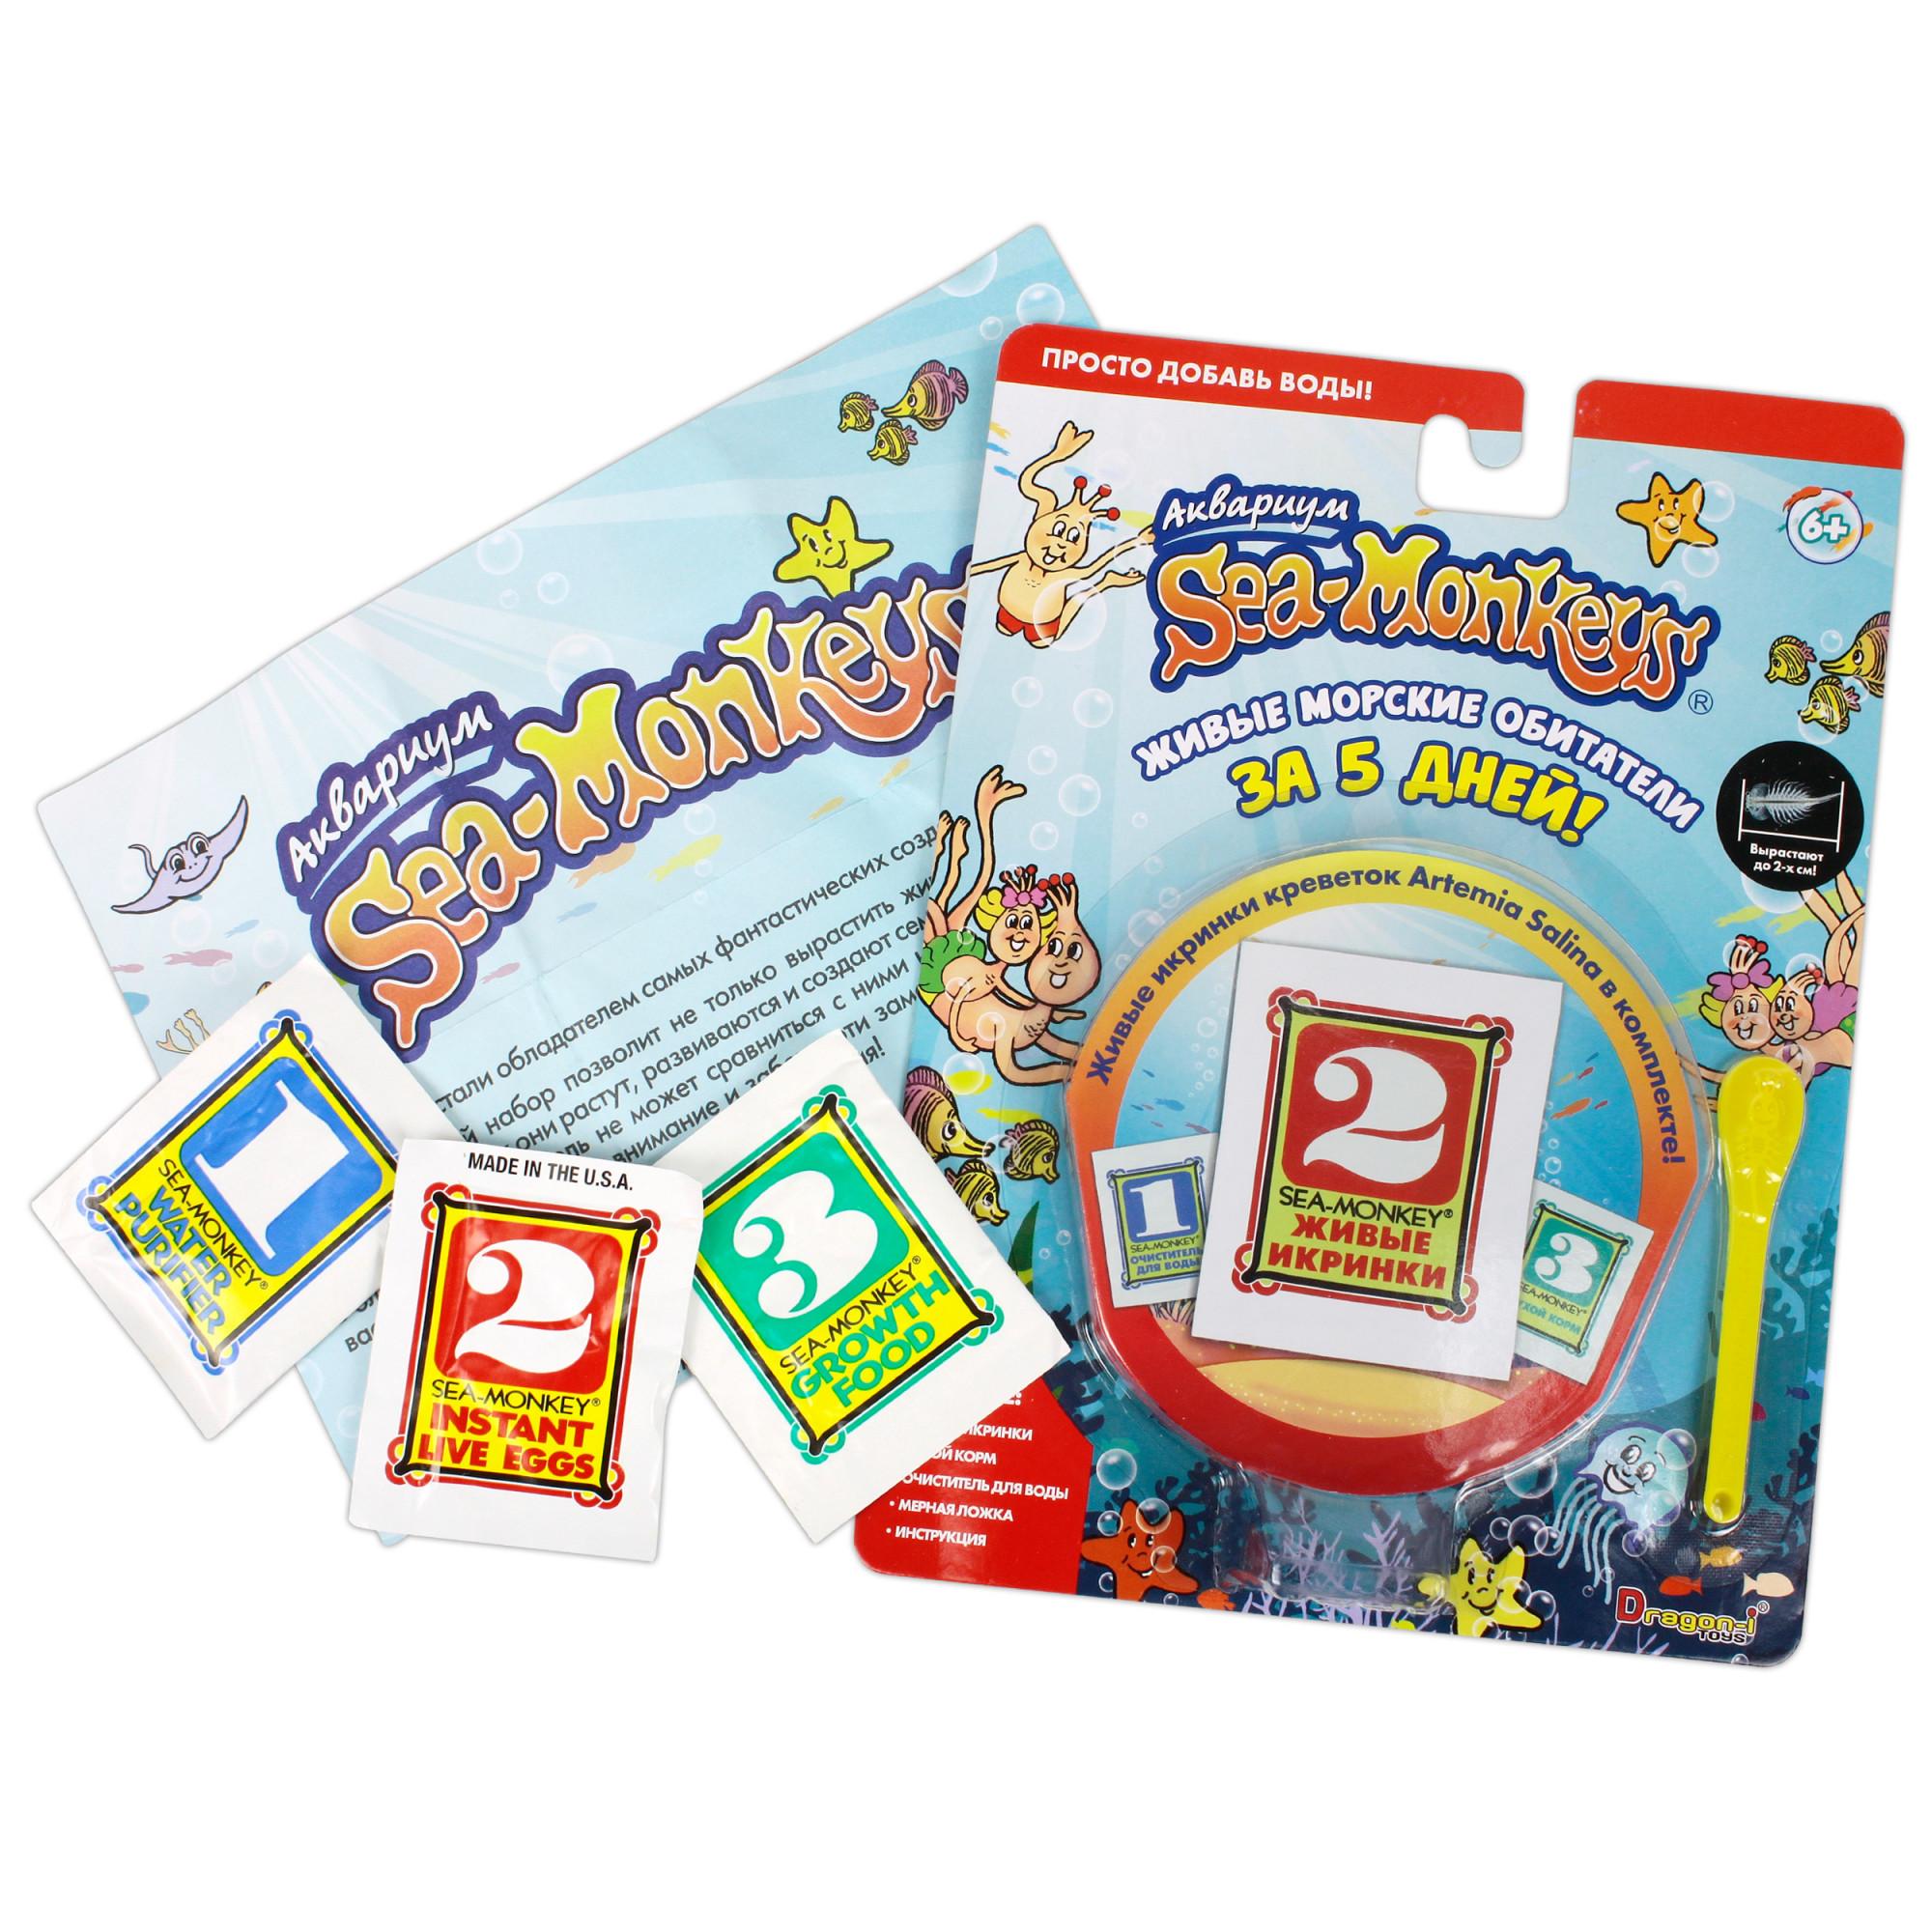 Купить 1 TOY Набор с расходными материалами Sea-Monkeys , 15x2, 5x20 см [Т13630], Игровые наборы и фигурки для детей